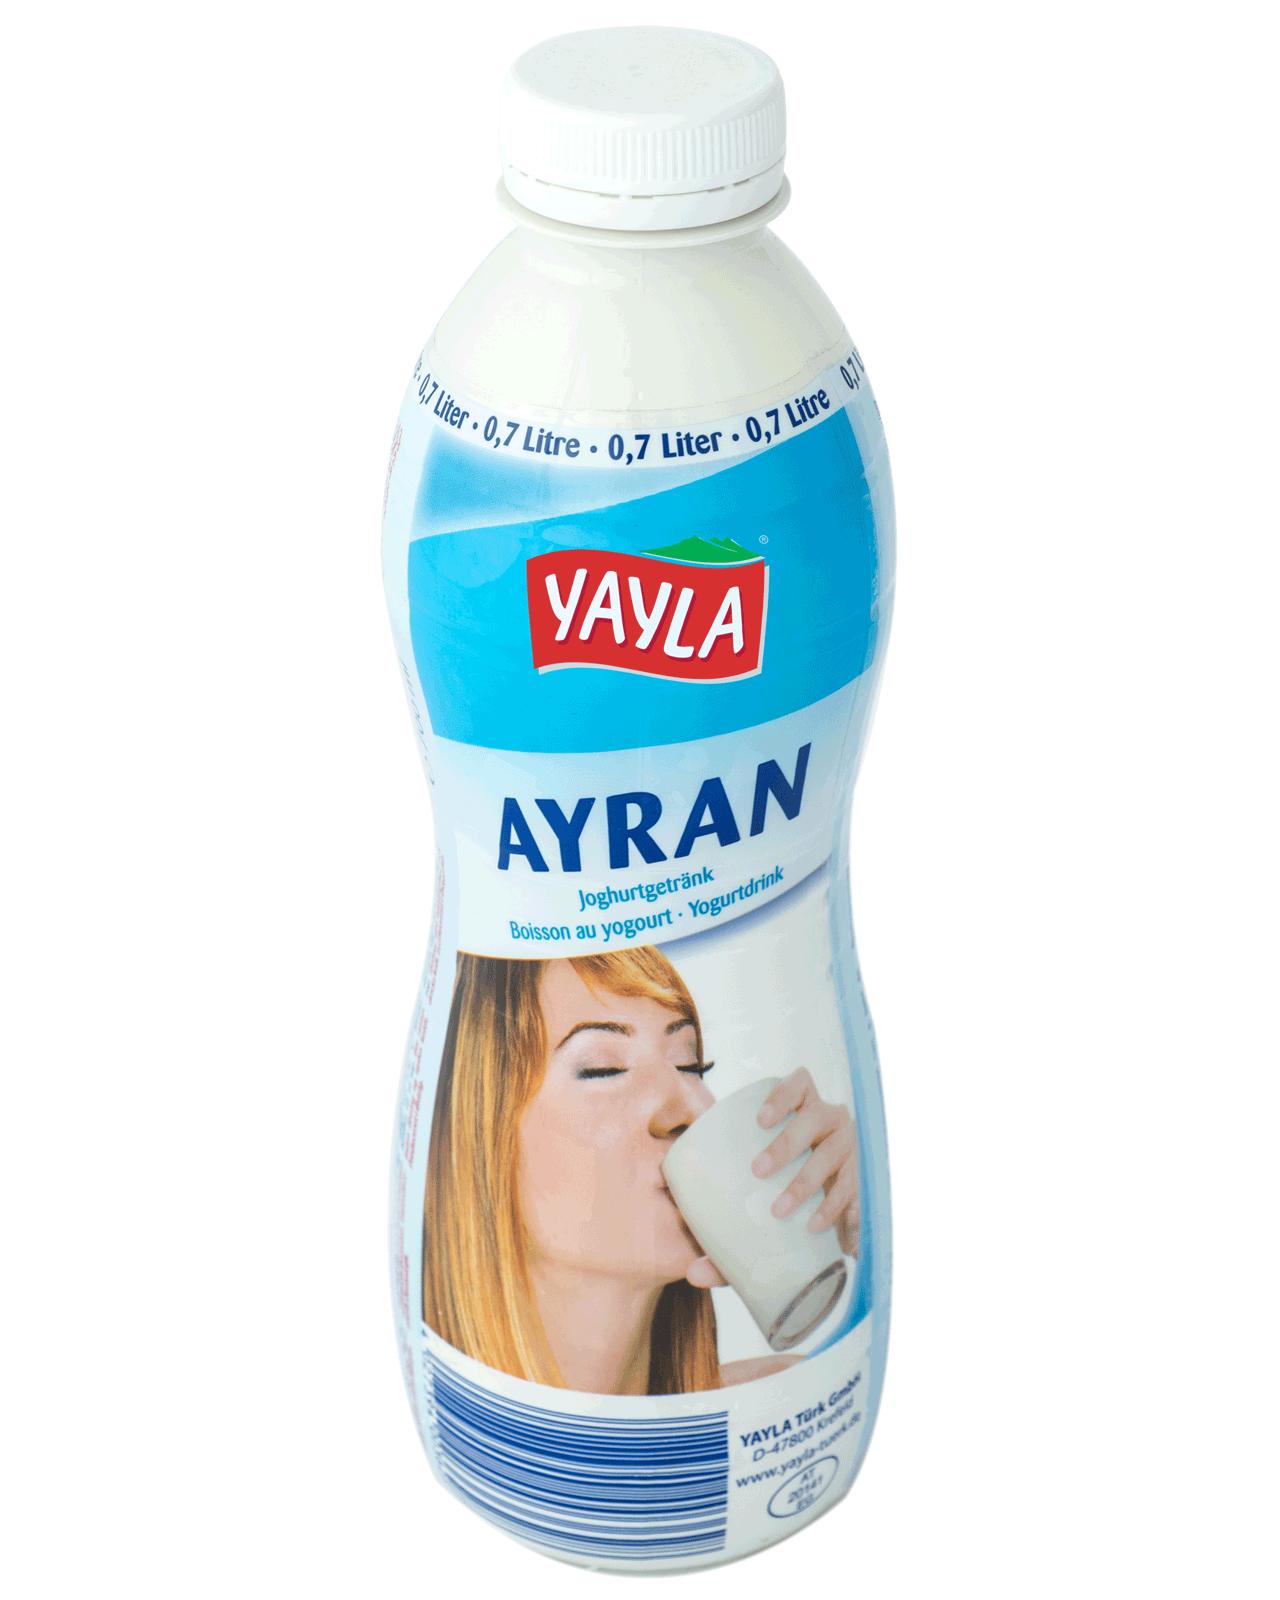 Yayla   Ayran - Erfrischungsgetränk aus Joghurt nach türkischer Art